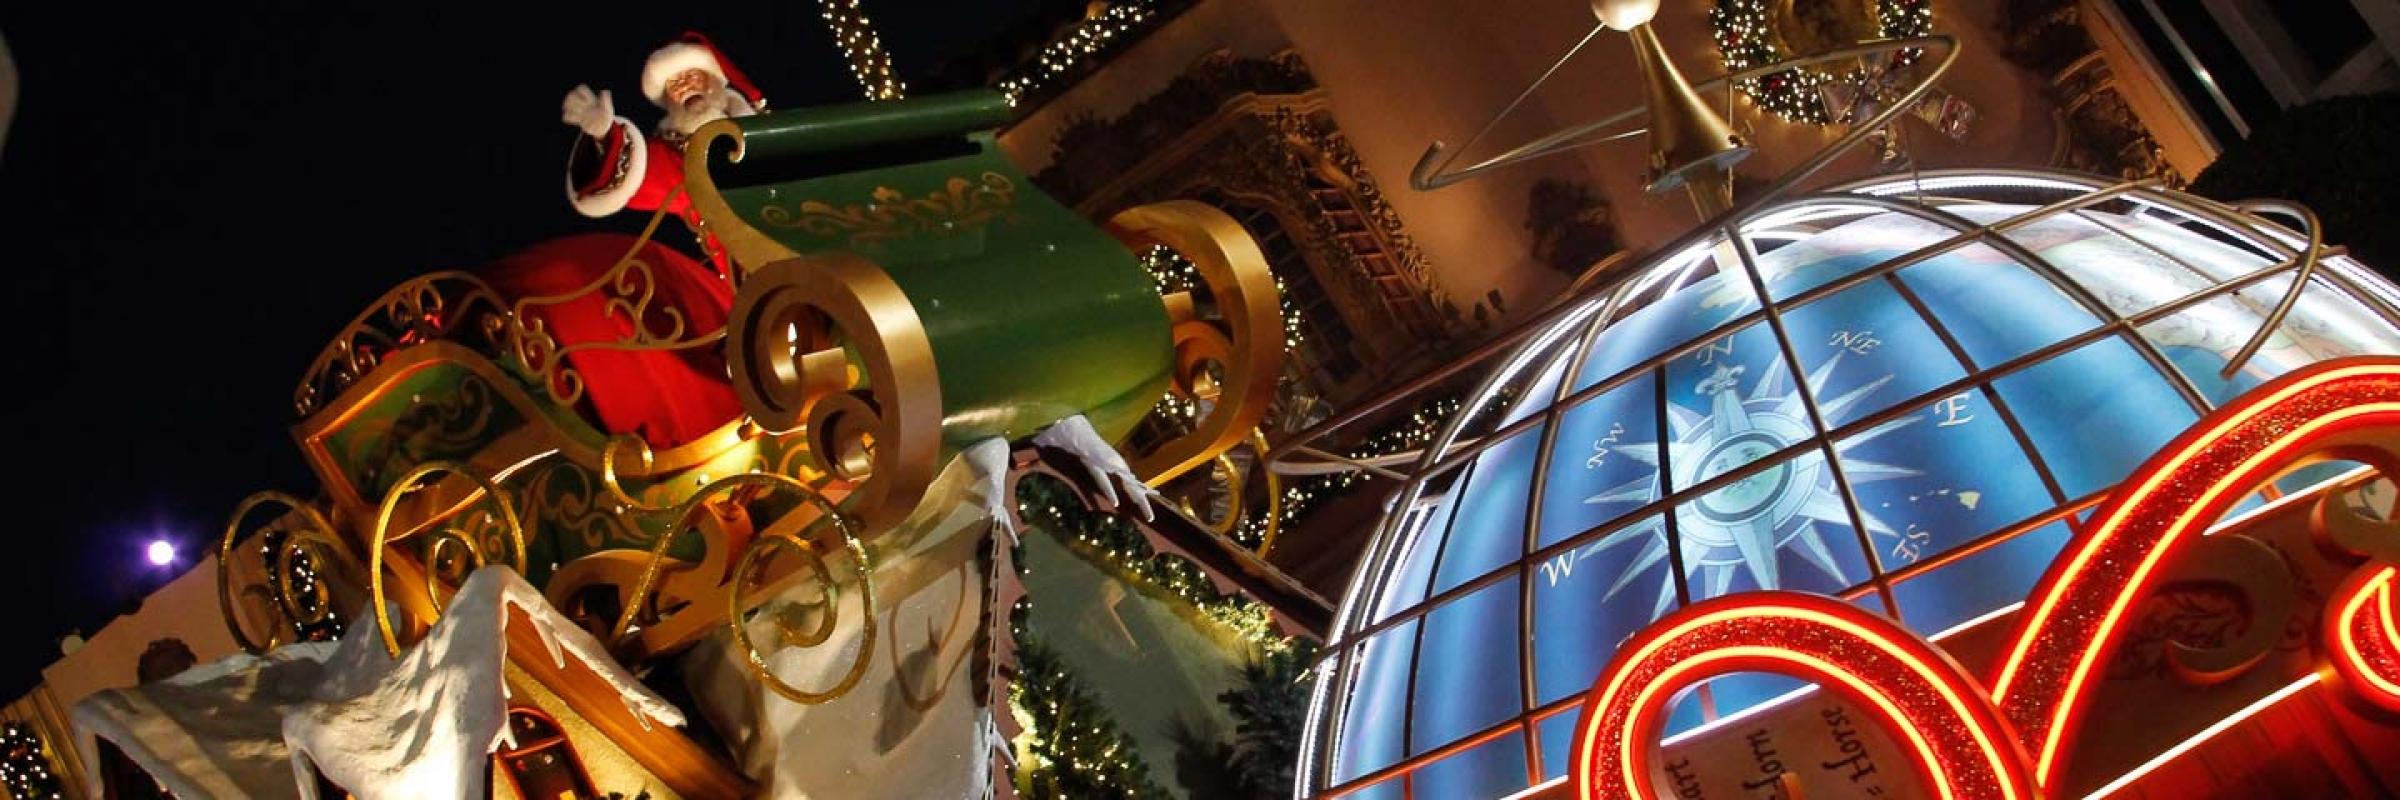 Christmas Events in Florida Santa at the Christmas Parade at Macy's at Universal Studios